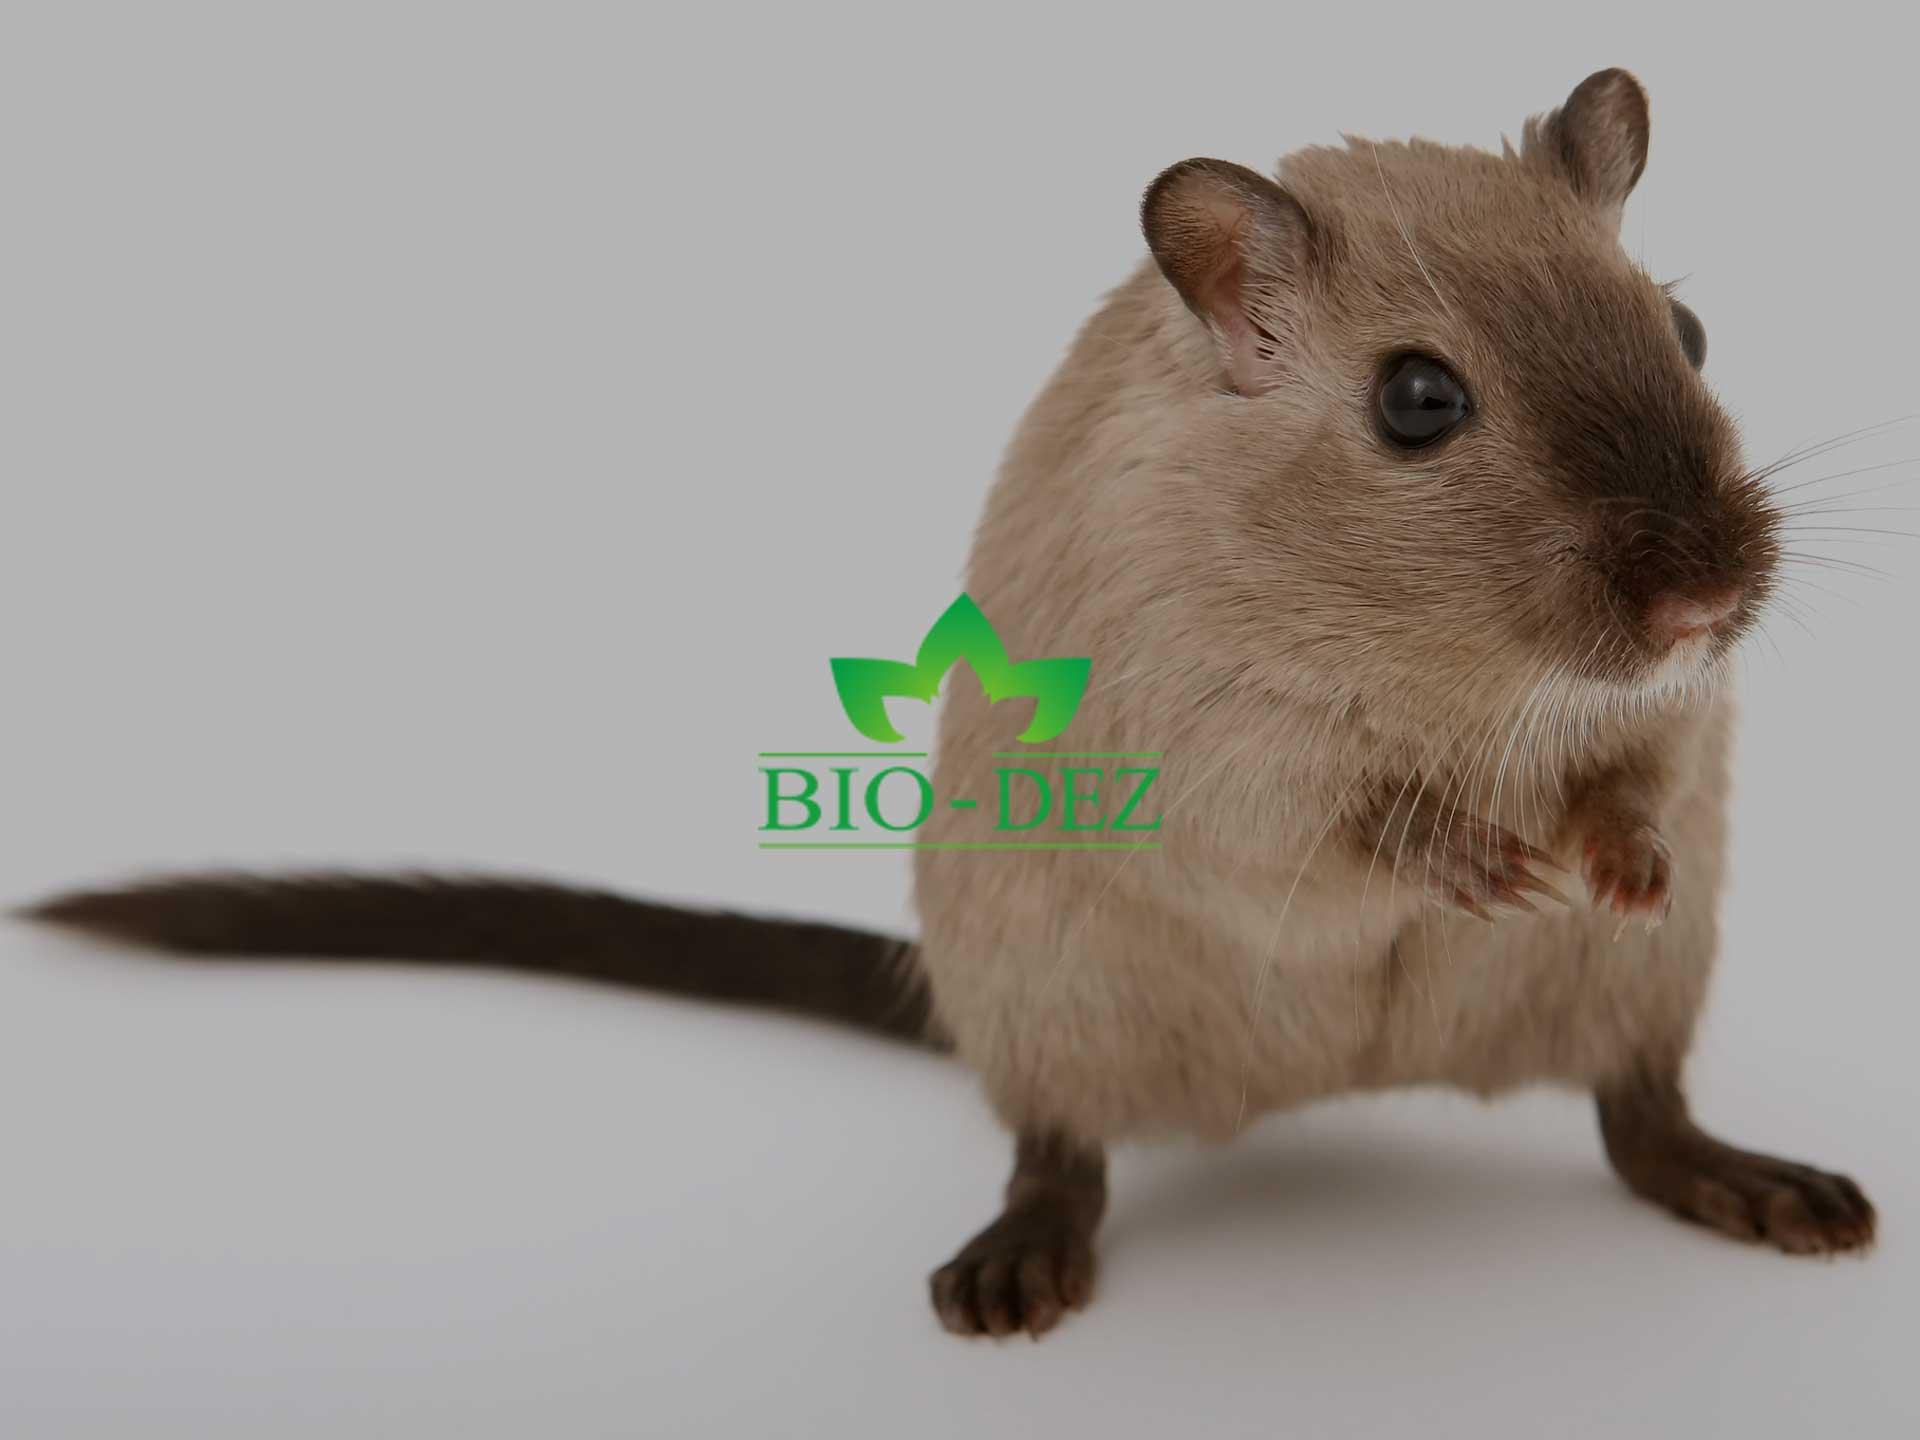 Kako se efikasno rešiti miševa i pacova